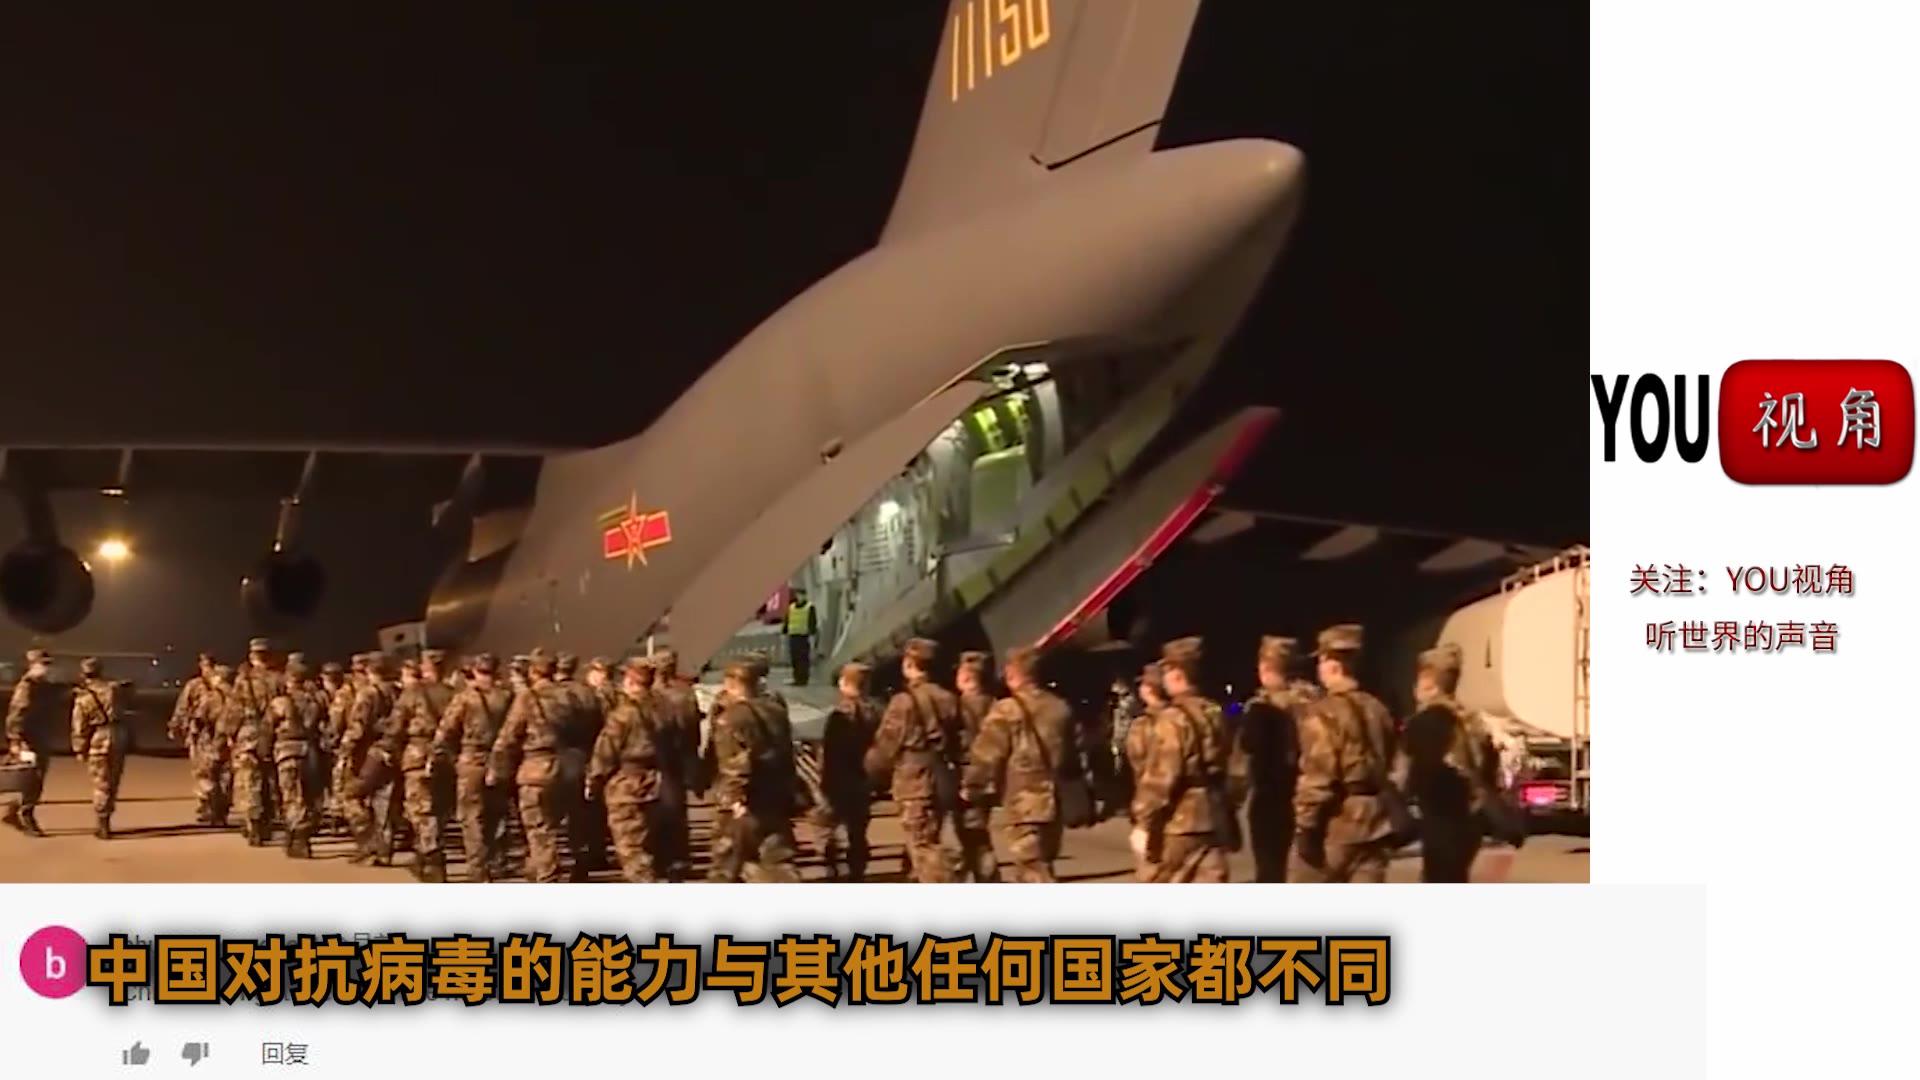 中国军队在疫情中的表现感动老外 网友 中国军人帅爆了